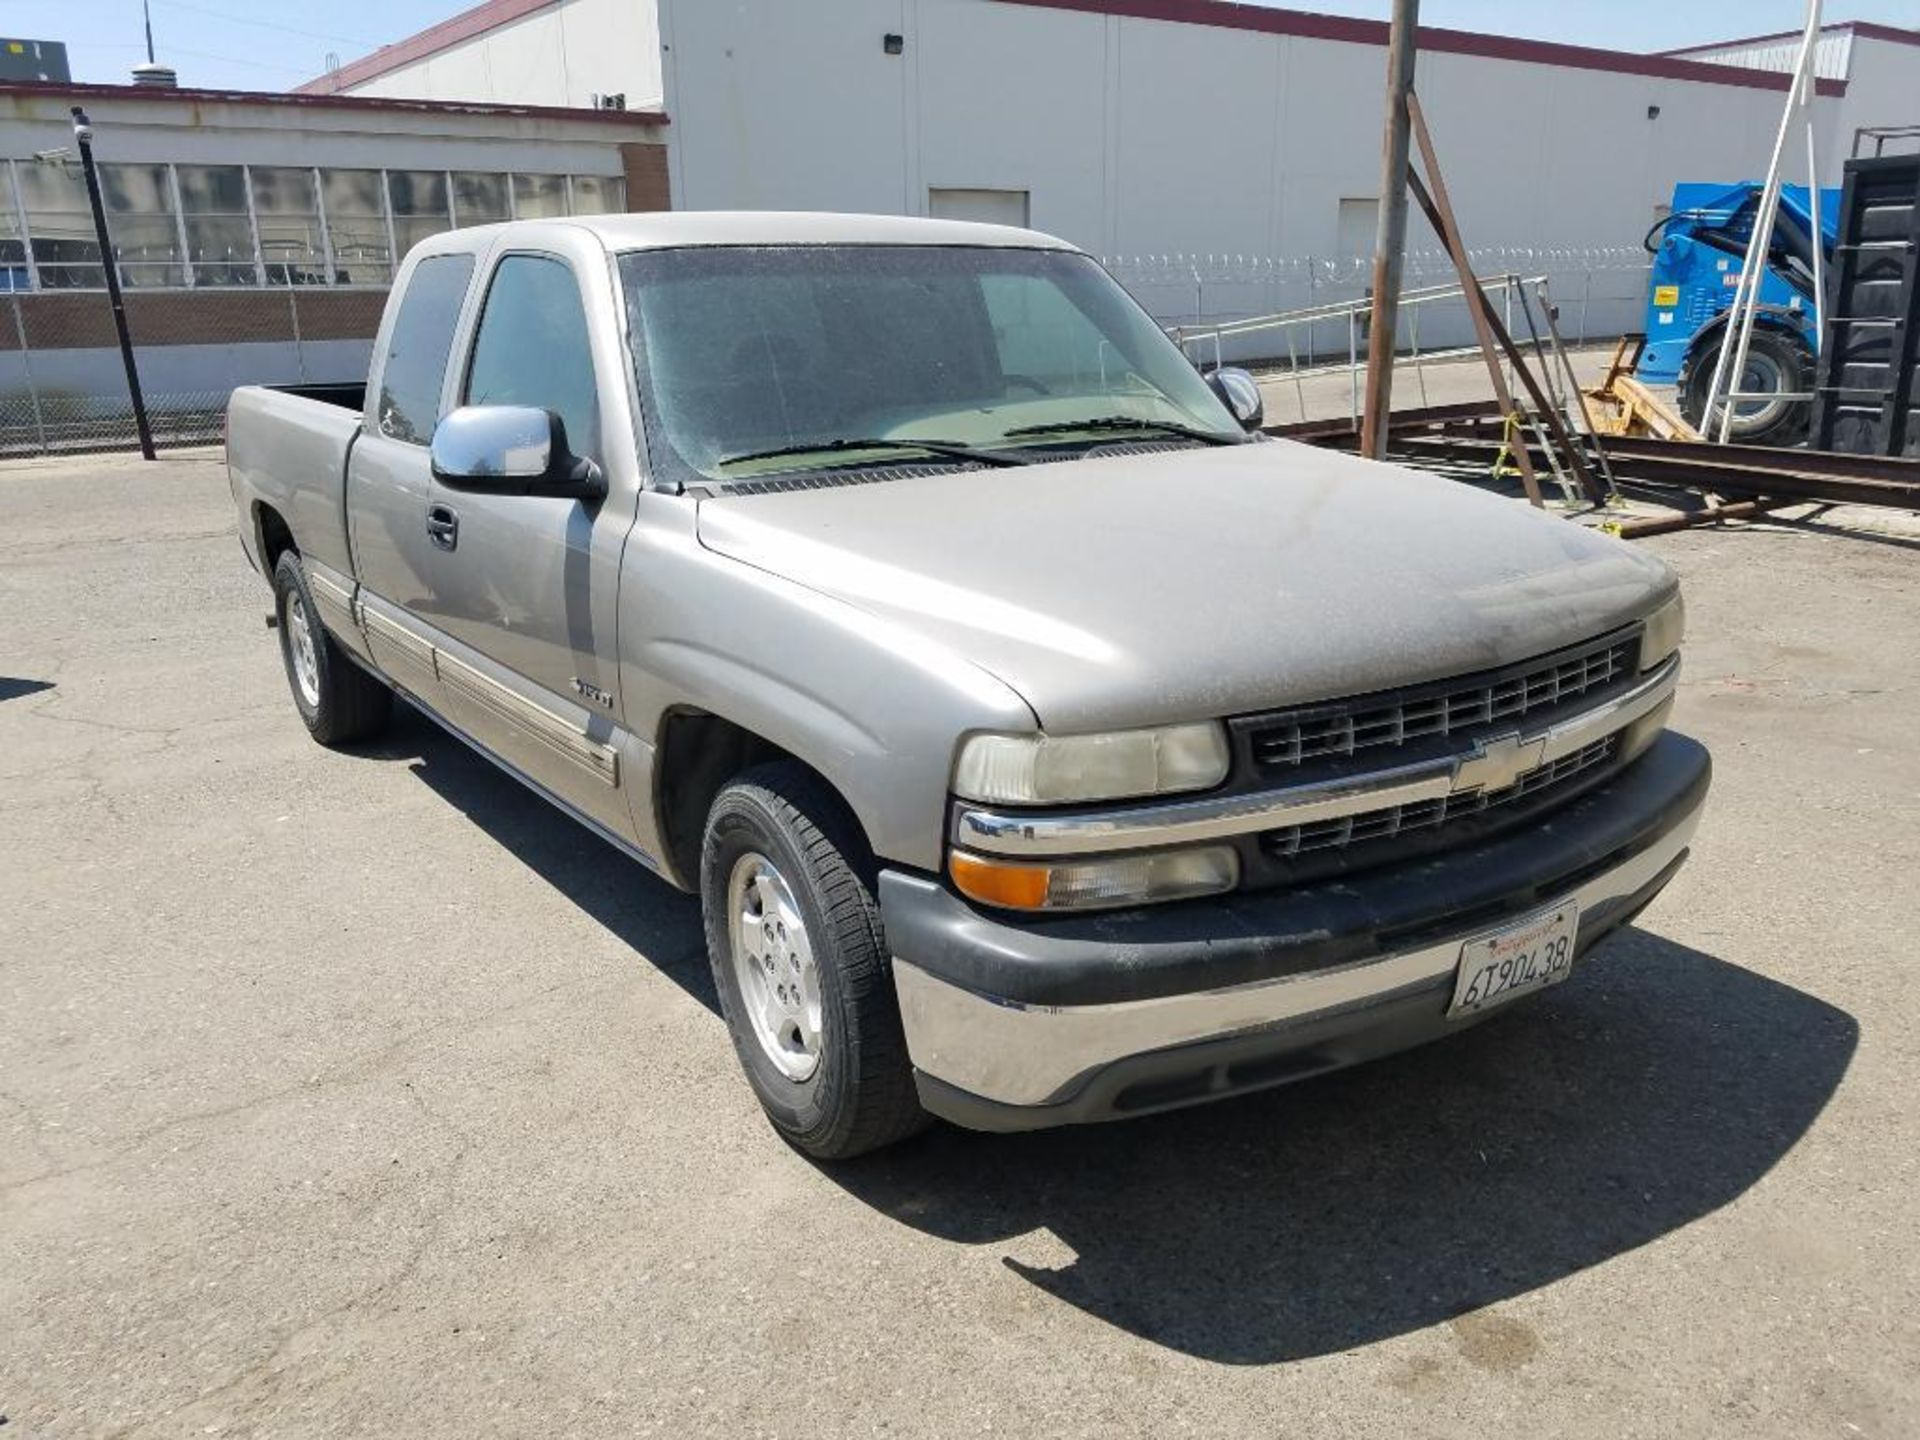 2000 Chevrolet Silverado 1500 LS - Image 19 of 27